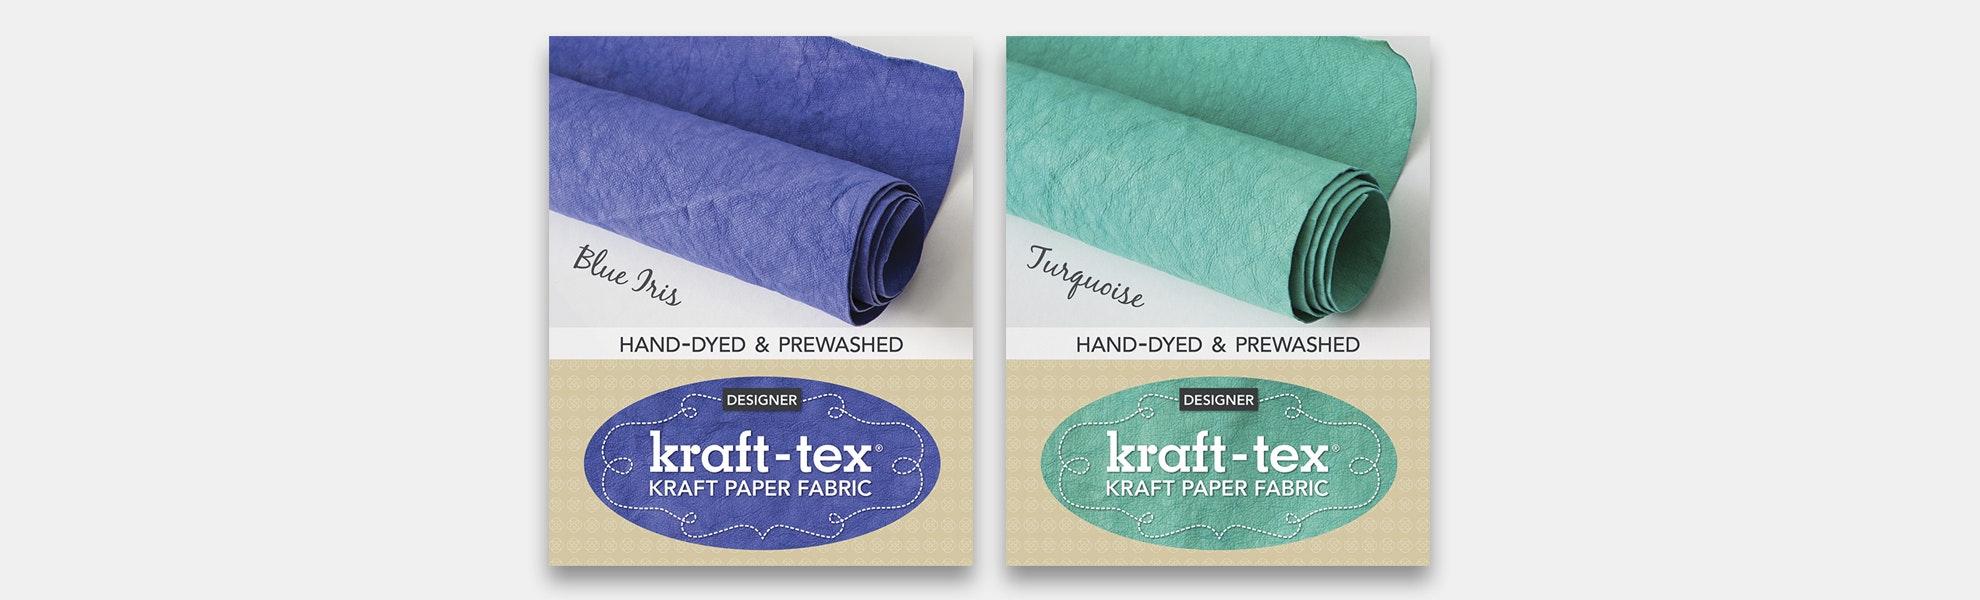 Kraft-Tex Prewashed Rolls (2-Pack)